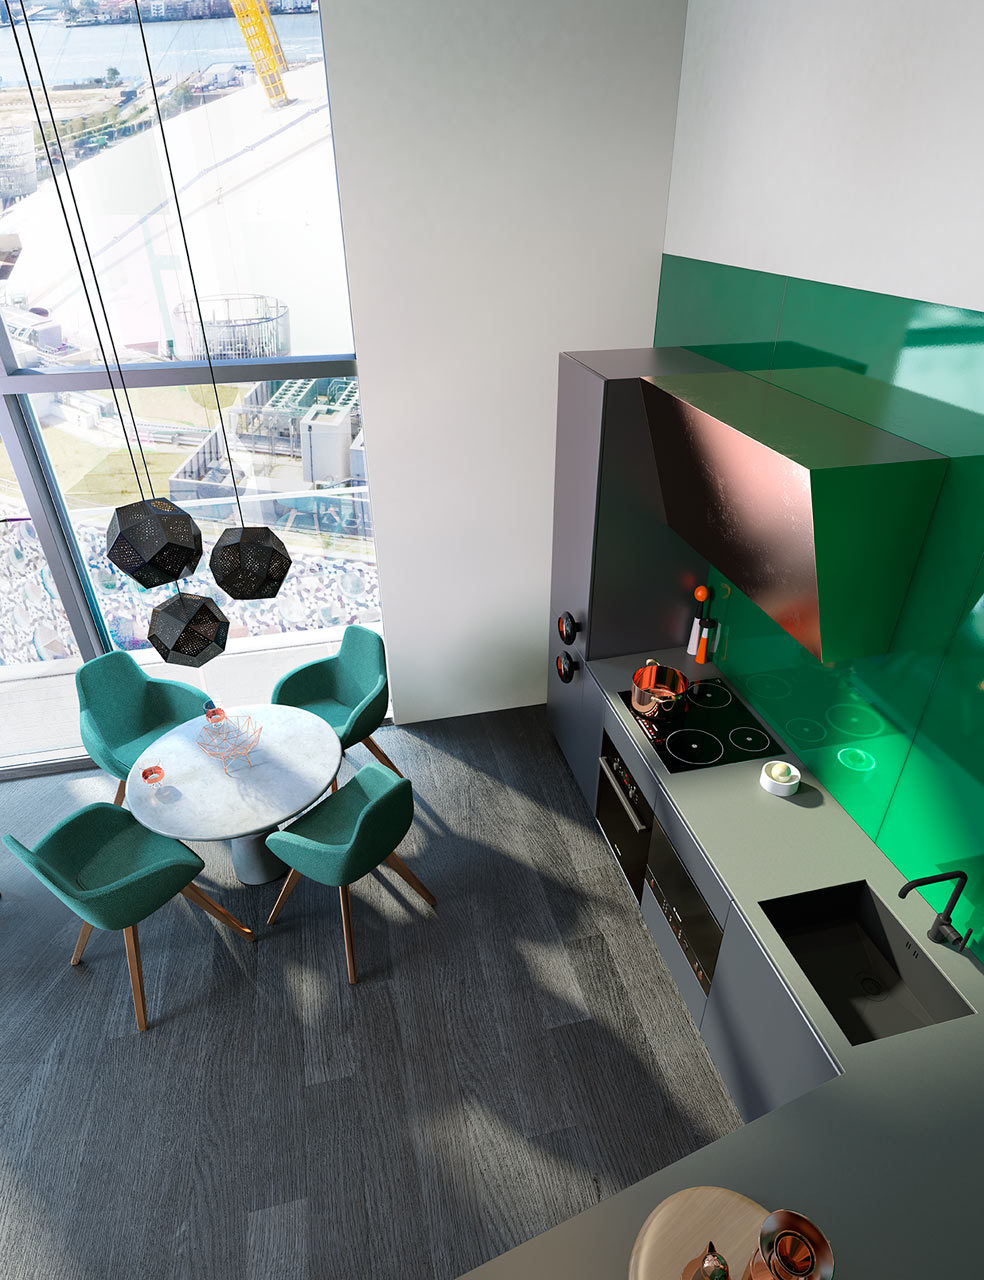 غرفة طعام ومطبخ مودرن 1ا1 جرأة وروعة الألوان في تصميم وحدات سكنية عصرية